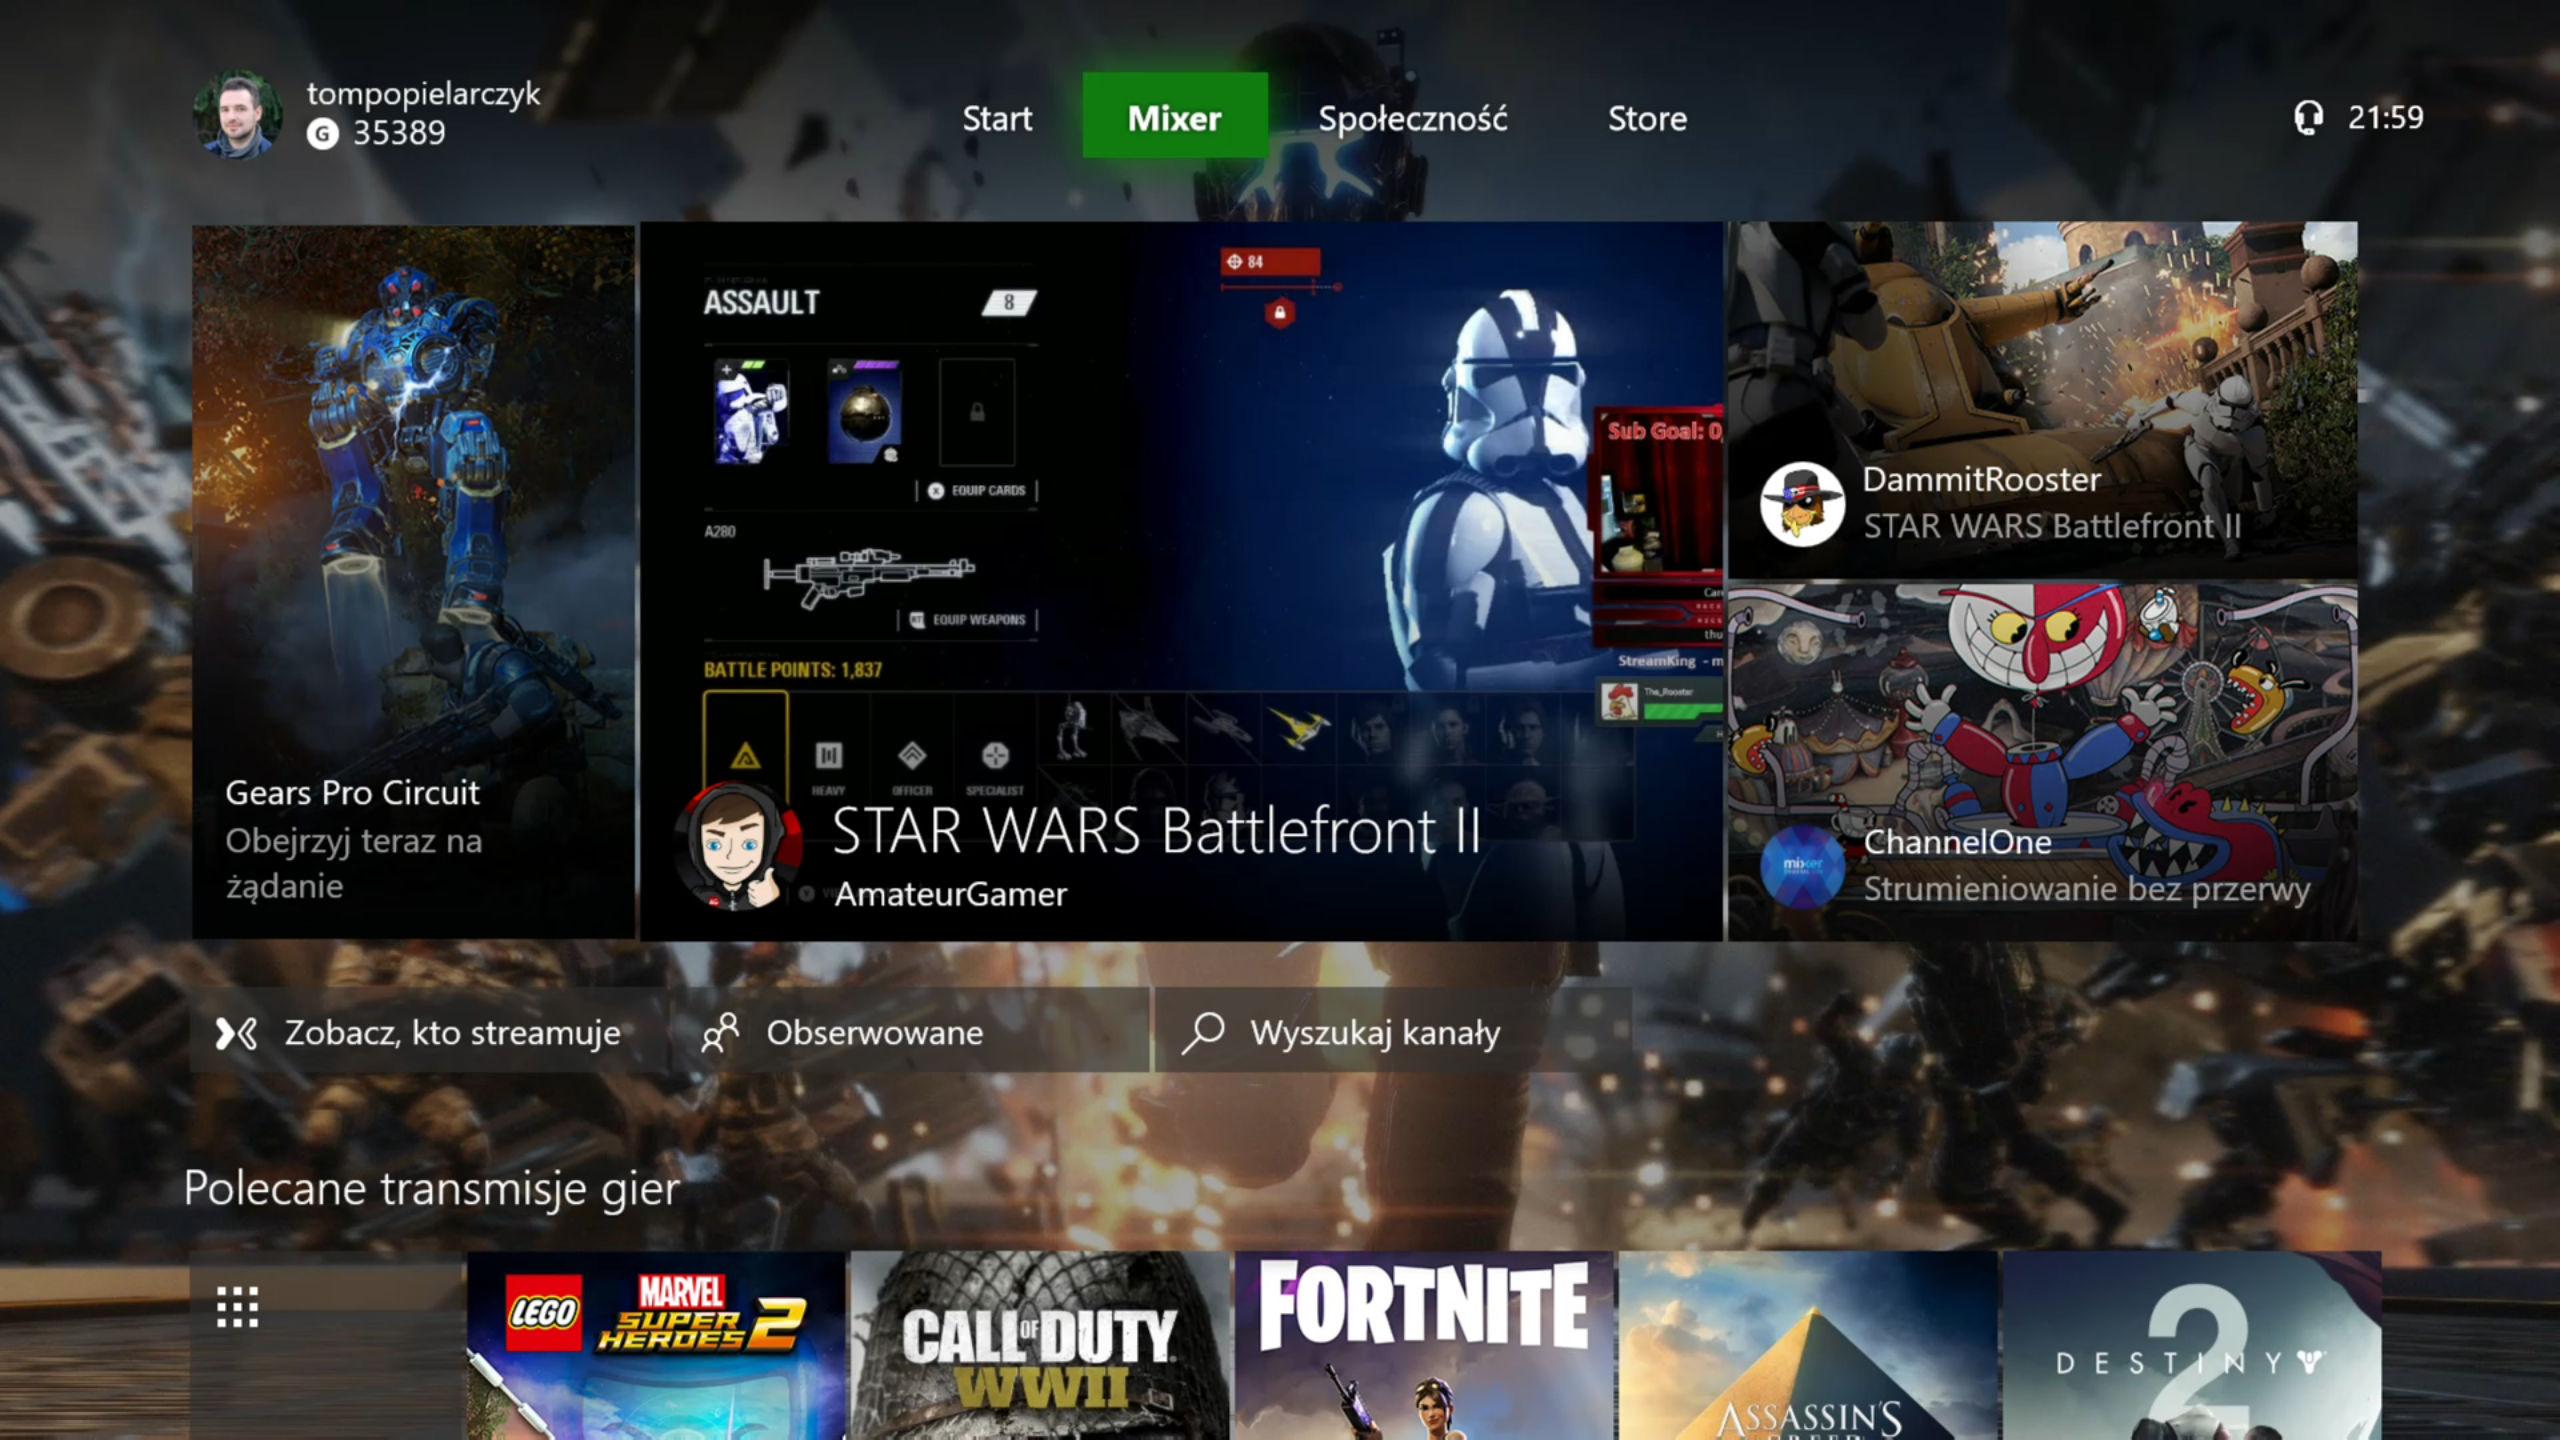 Xbox One X Mixer